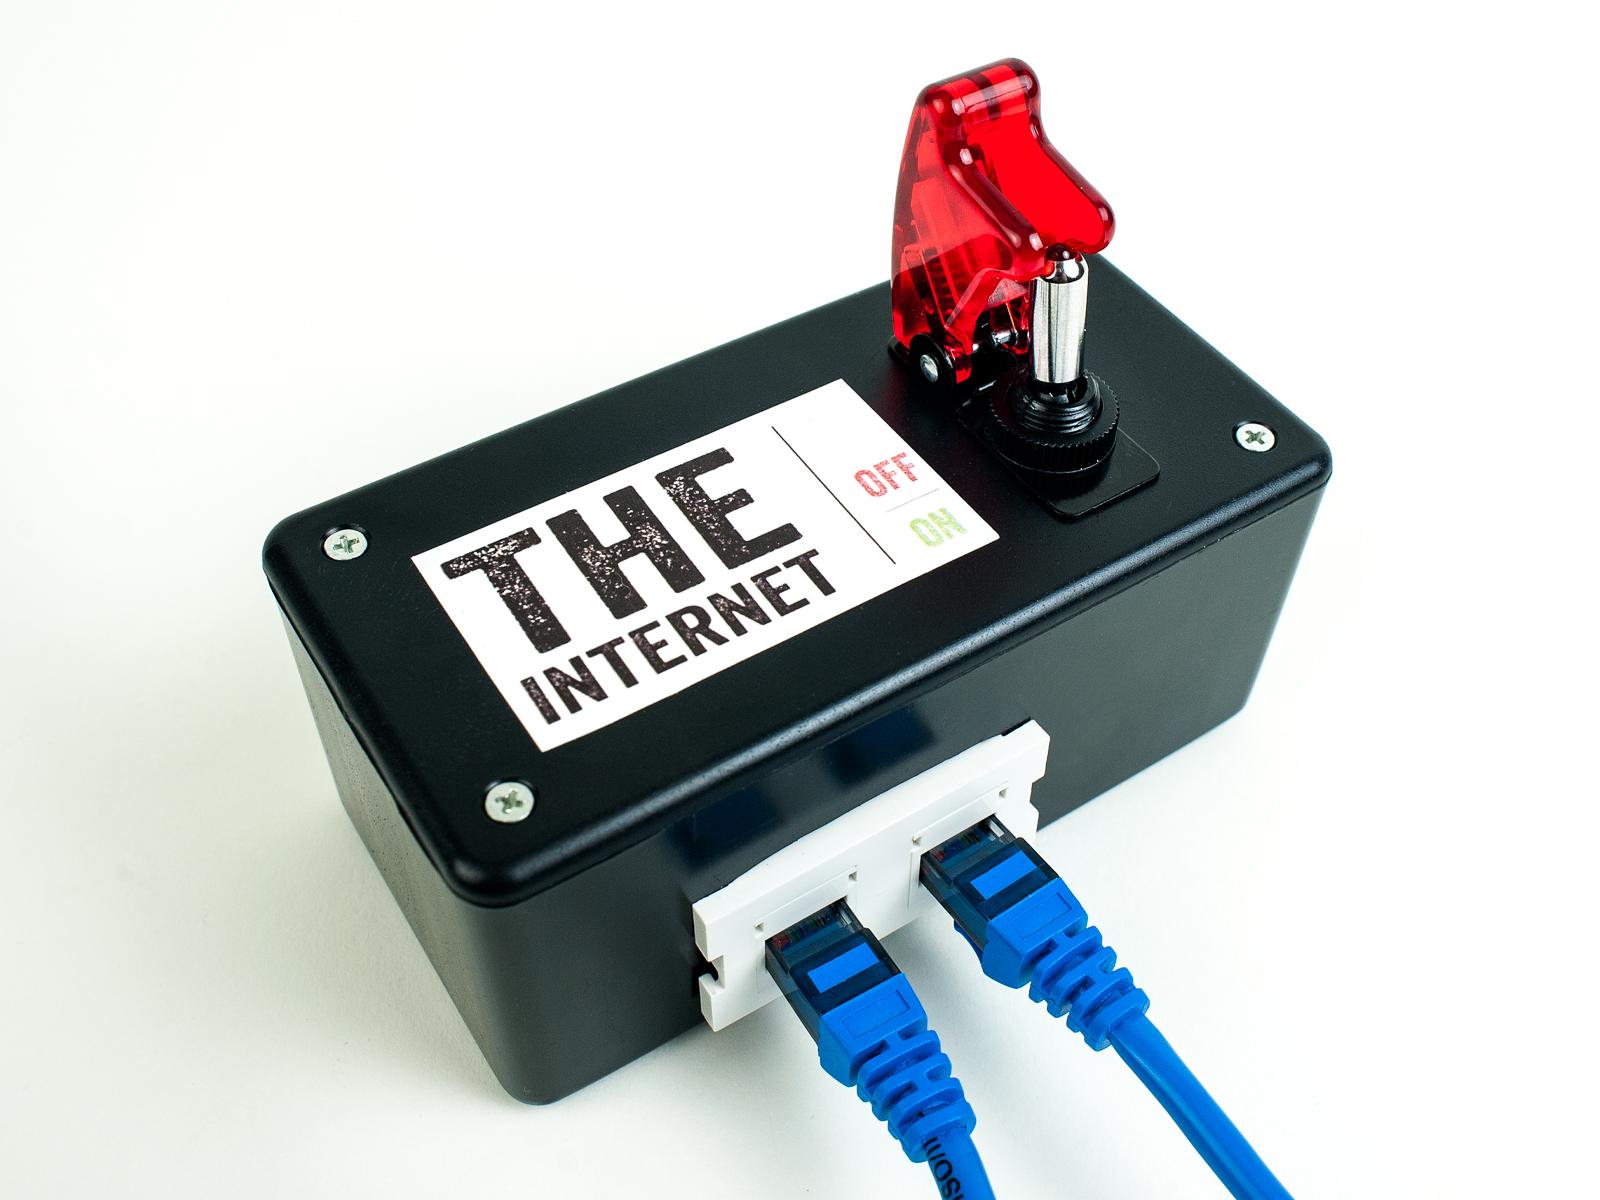 Schaltet das Netzt AUS! (Foto: makezine.com)